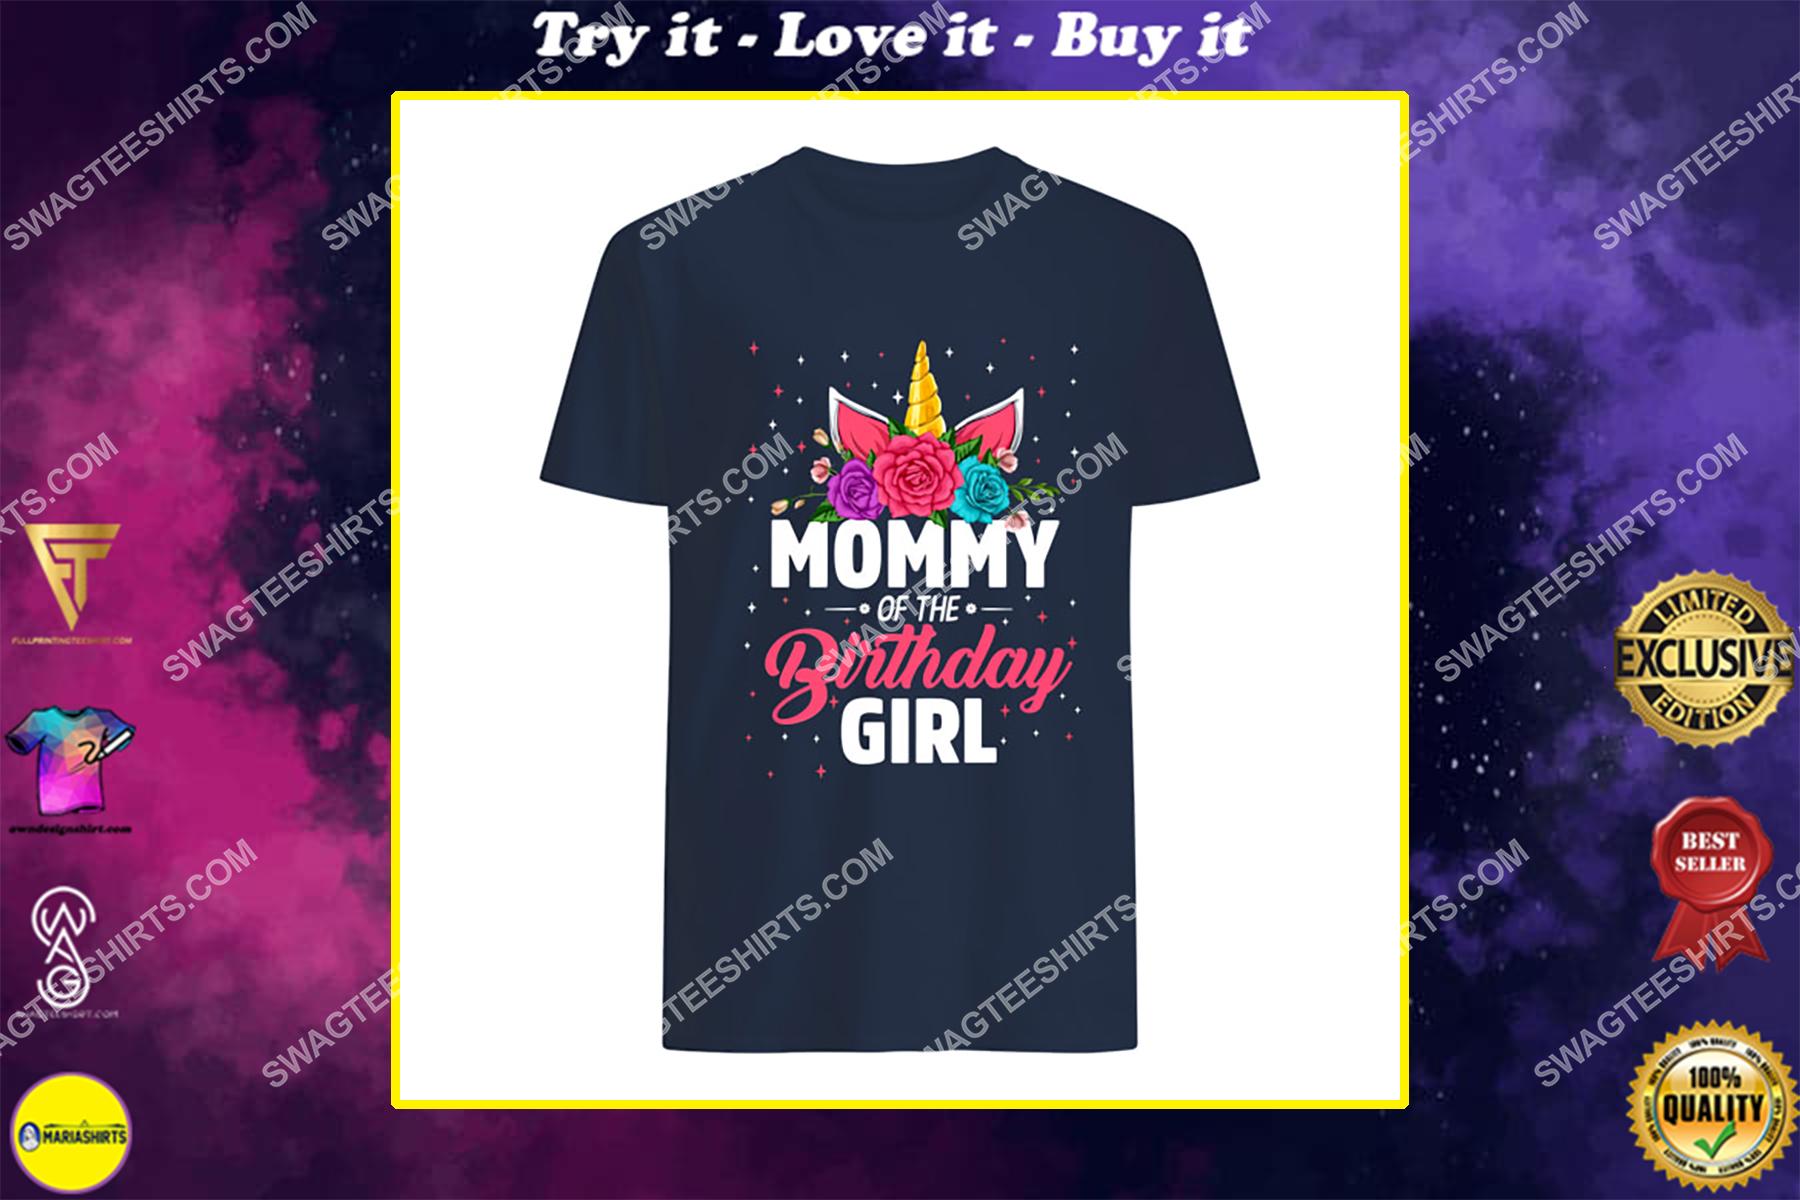 unicorns mommy of the birthday girl for birthday gift shirt